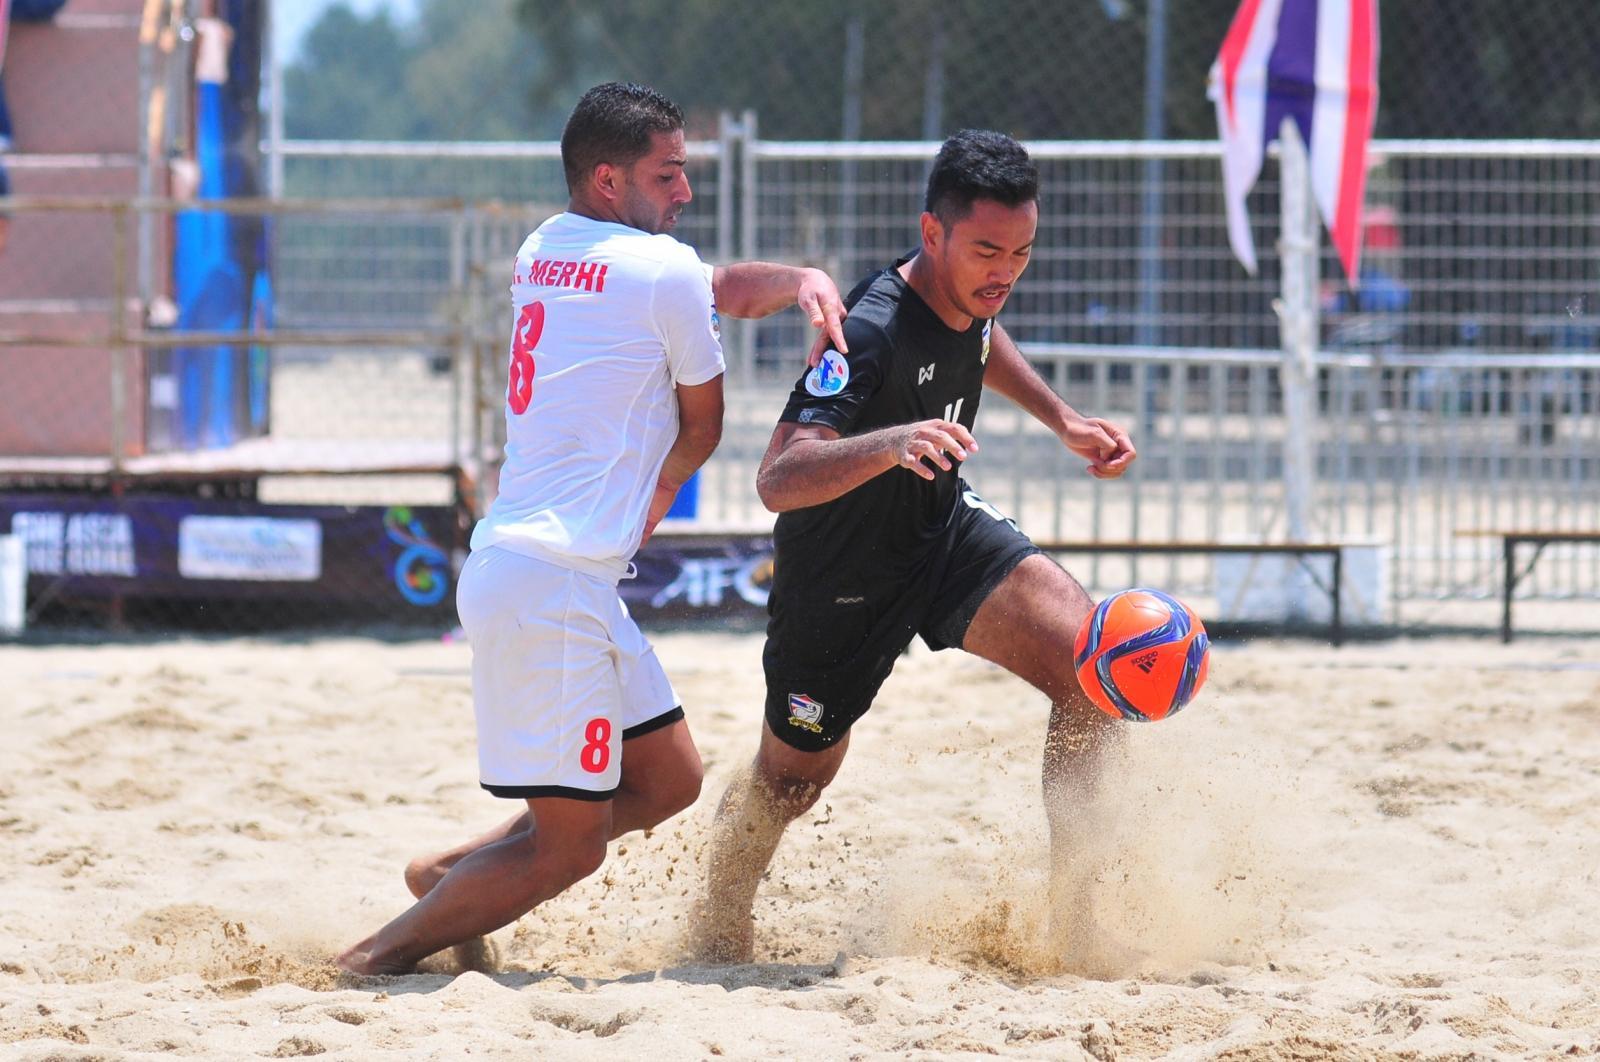 ต้านไม่ไหว! ฟุตบอลชายหาดไทย พ่าย เลบานอน 1-6 ตกรอบแรก